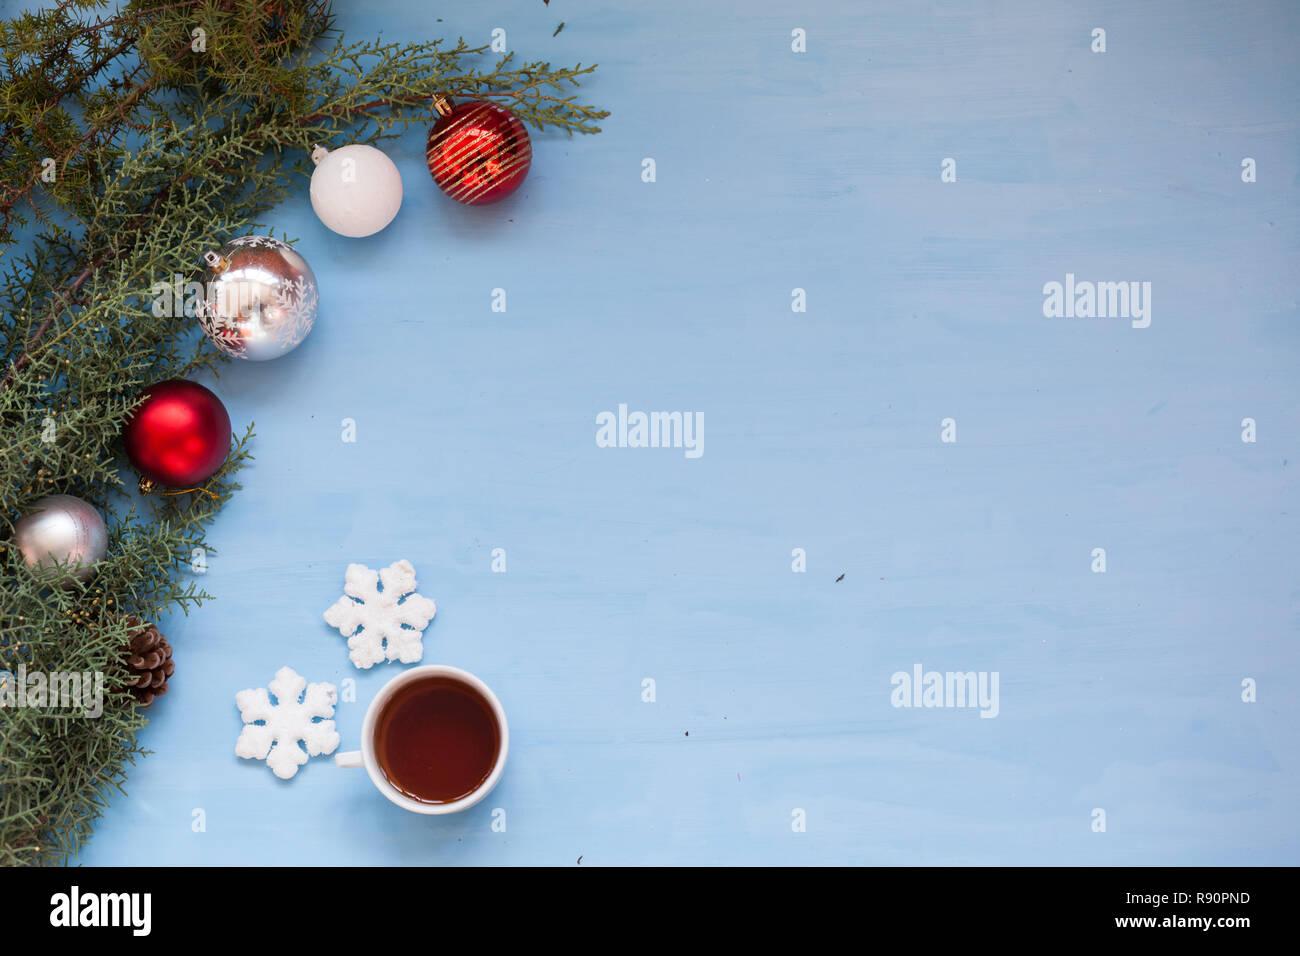 Hochkant Weihnachten Hintergrund Hochformat Kostenlos